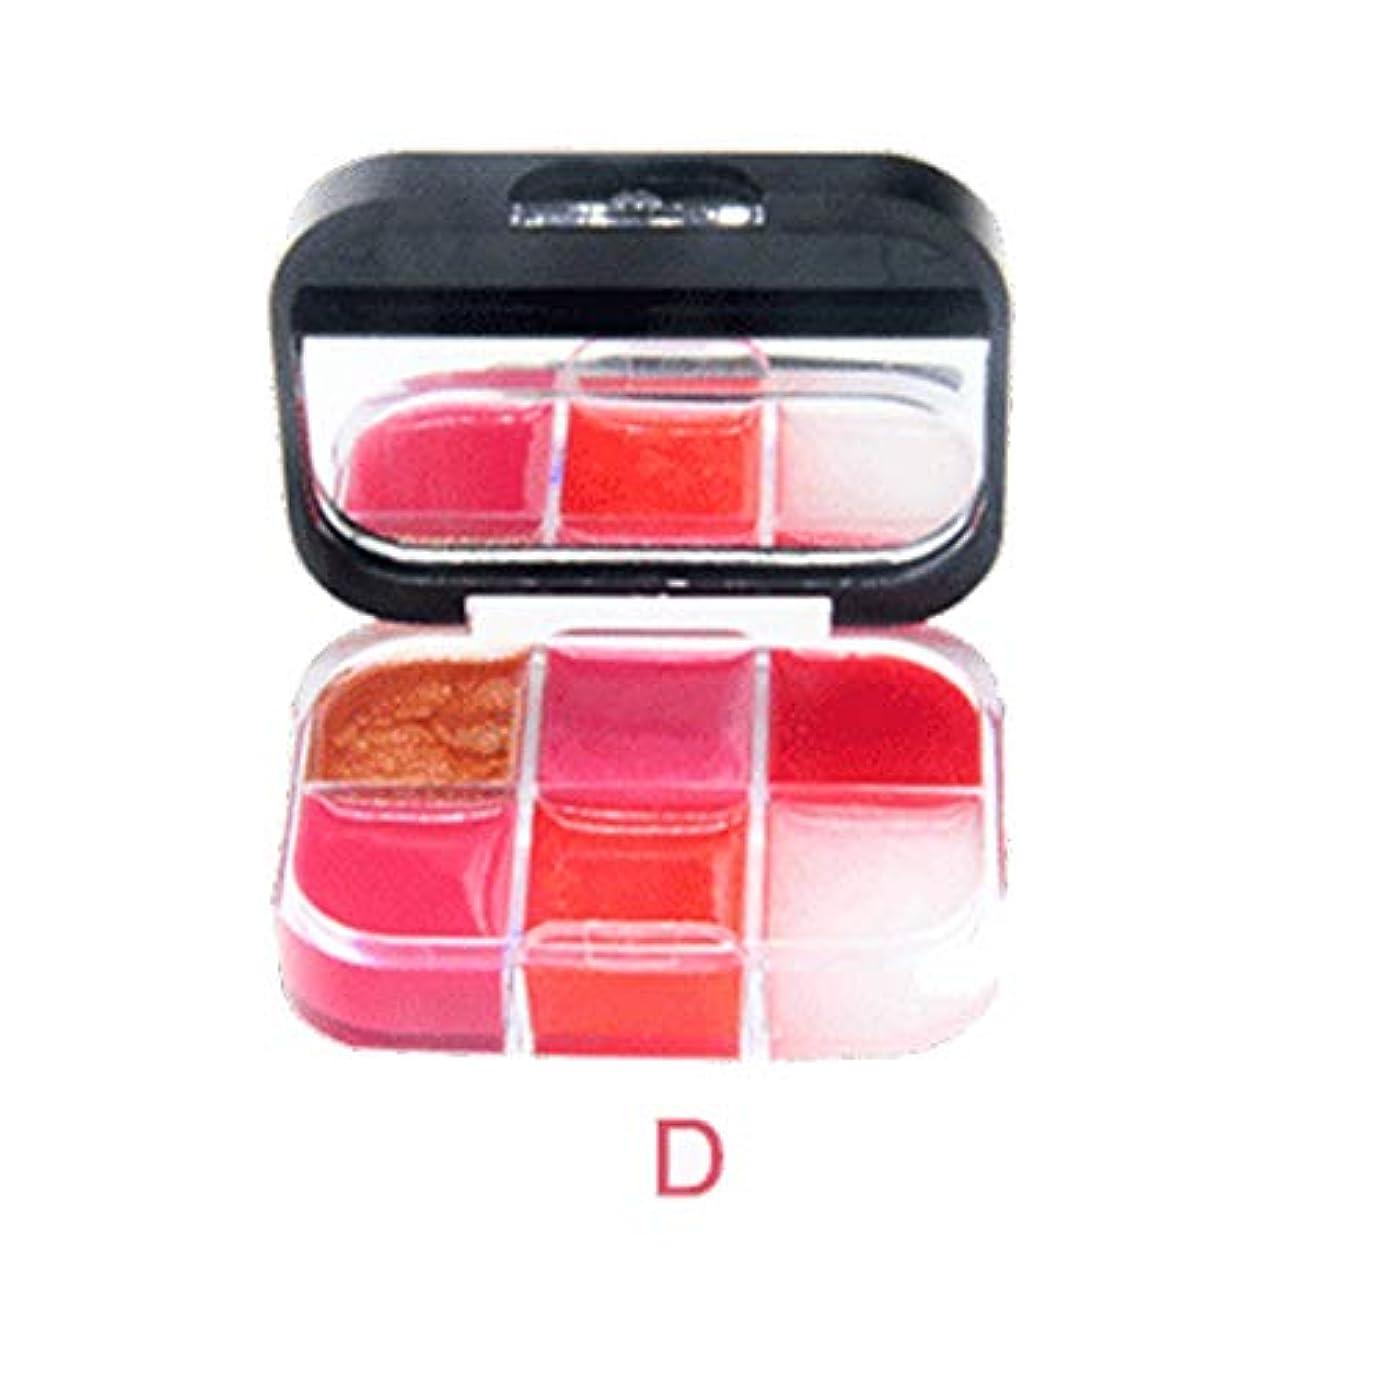 長椅子推定連続した美は口紅の保湿剤の唇の光沢の化粧品セットを構成します